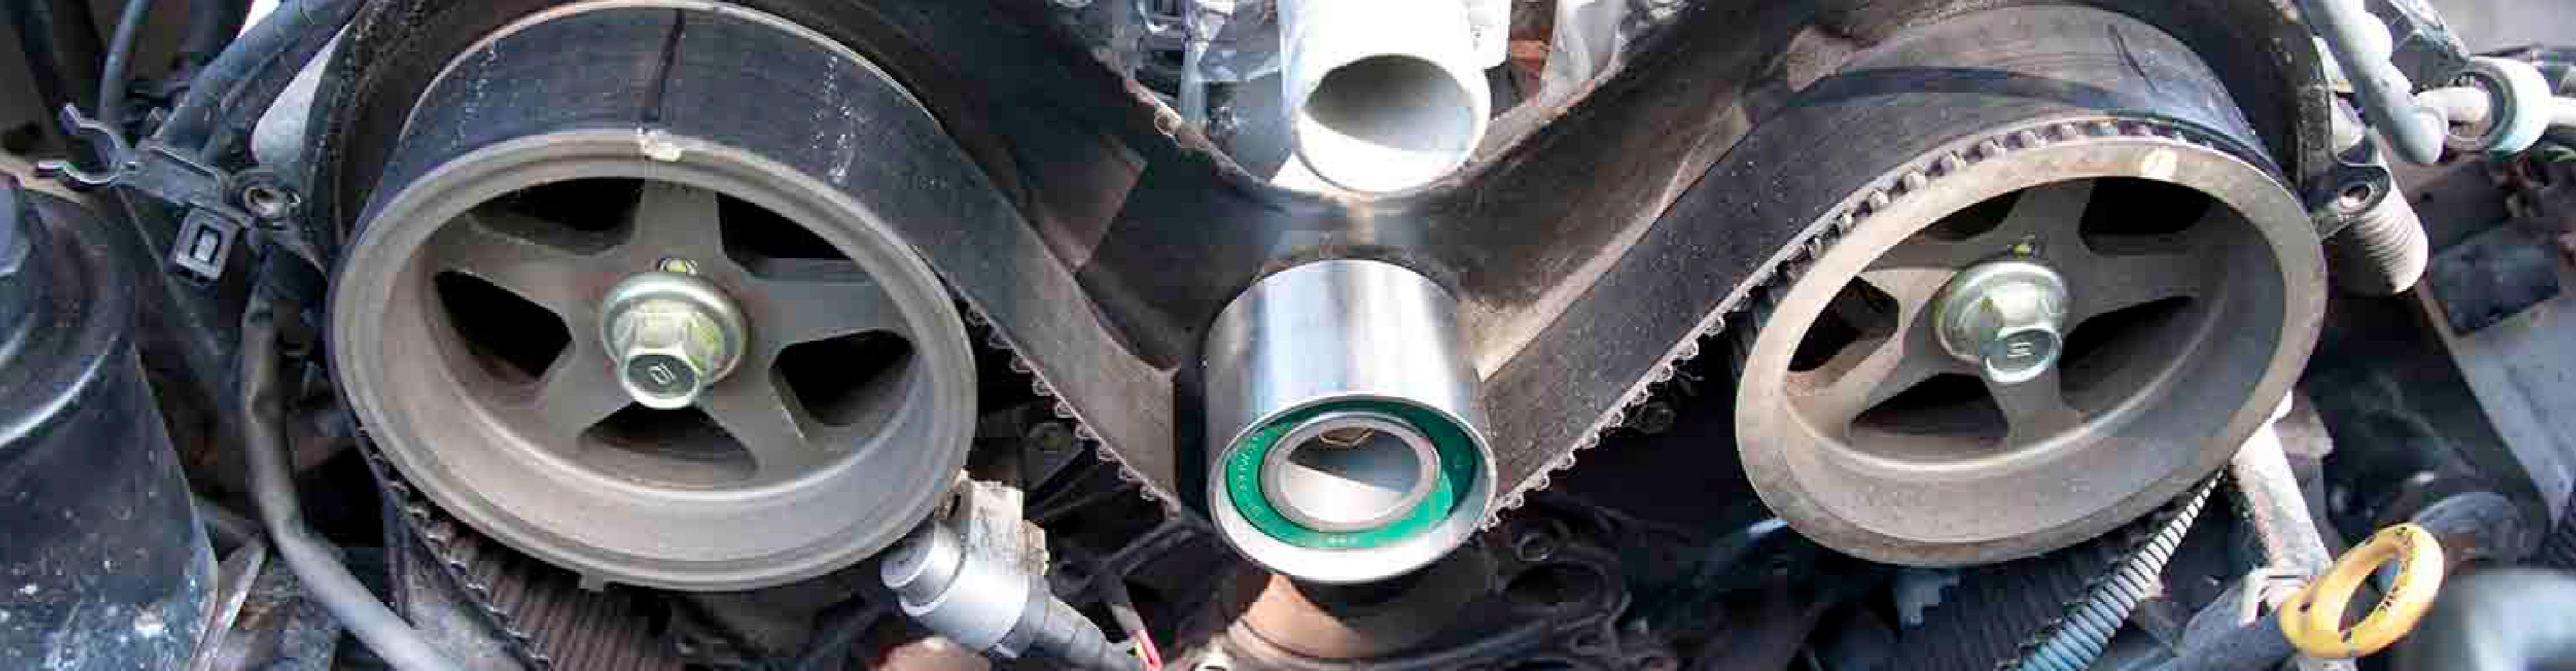 Timing Belt Replacement | Car Kings Inc